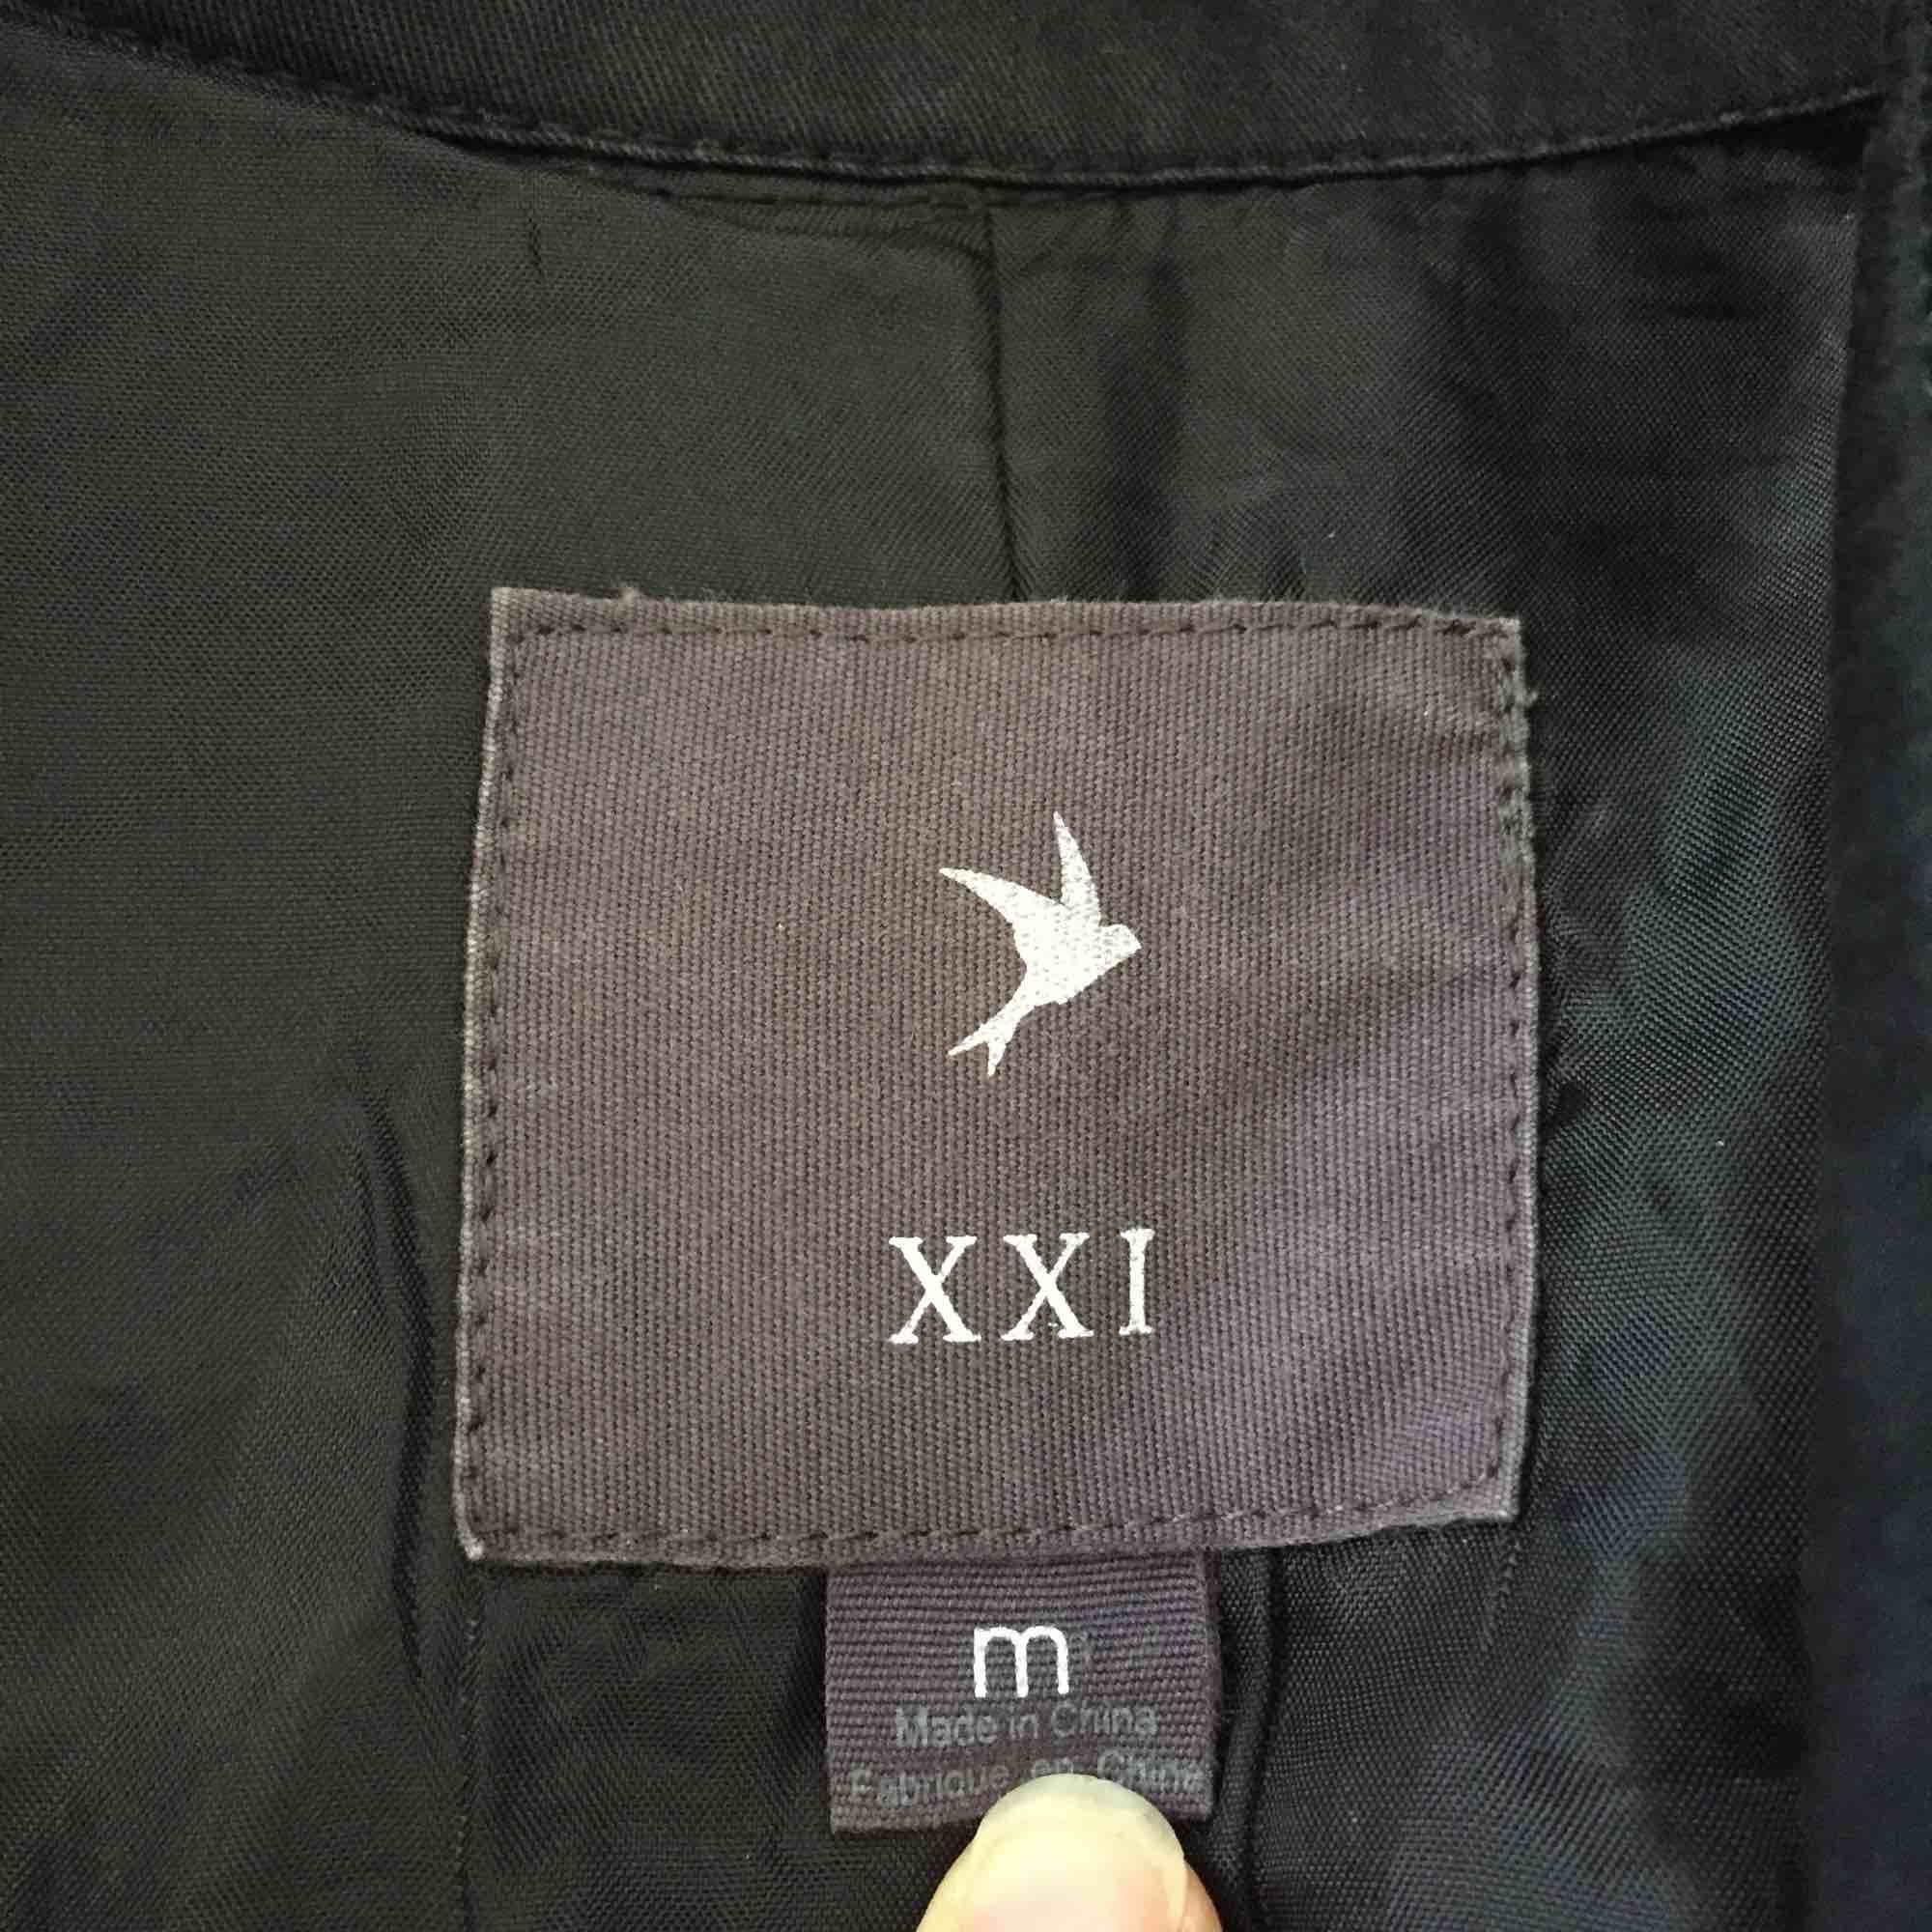 Supersnygg kappa/trenchcoat i svart. Utsvängd och fickor. Litet hål under kragen, inget som syns.. Jackor.